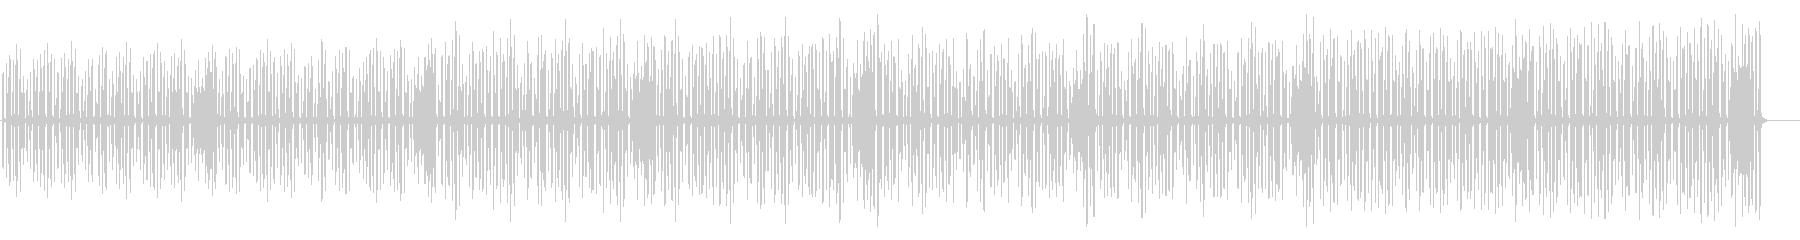 ほのぼの・マーチ風リコーダ曲の未再生の波形